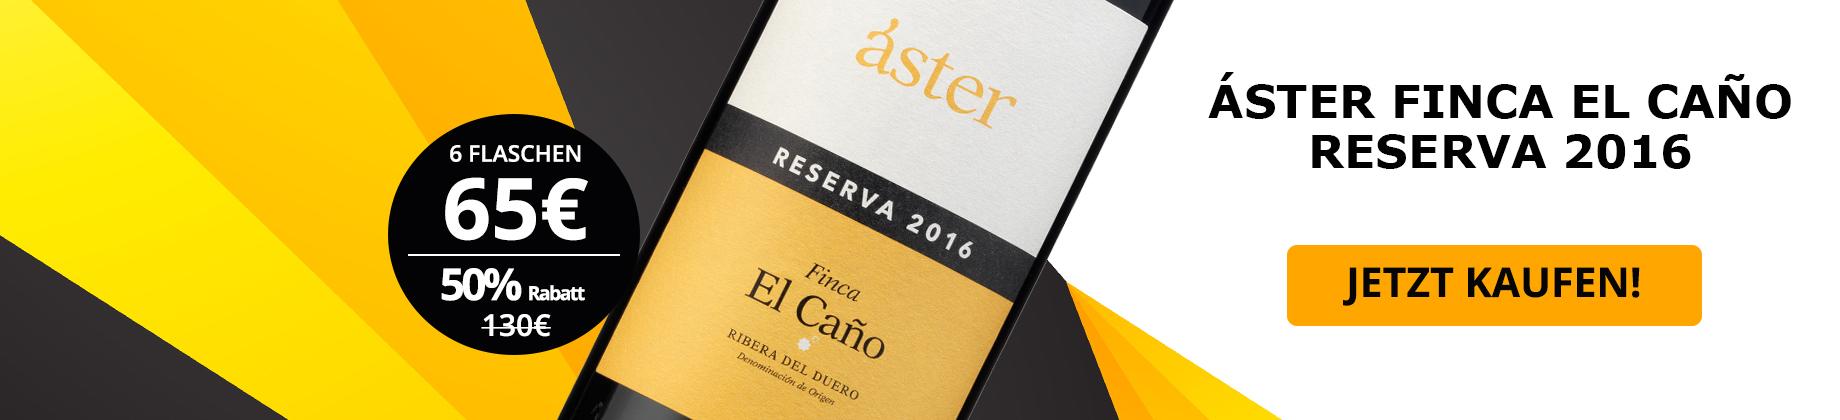 Áster Finca El Caño Reserva 2016